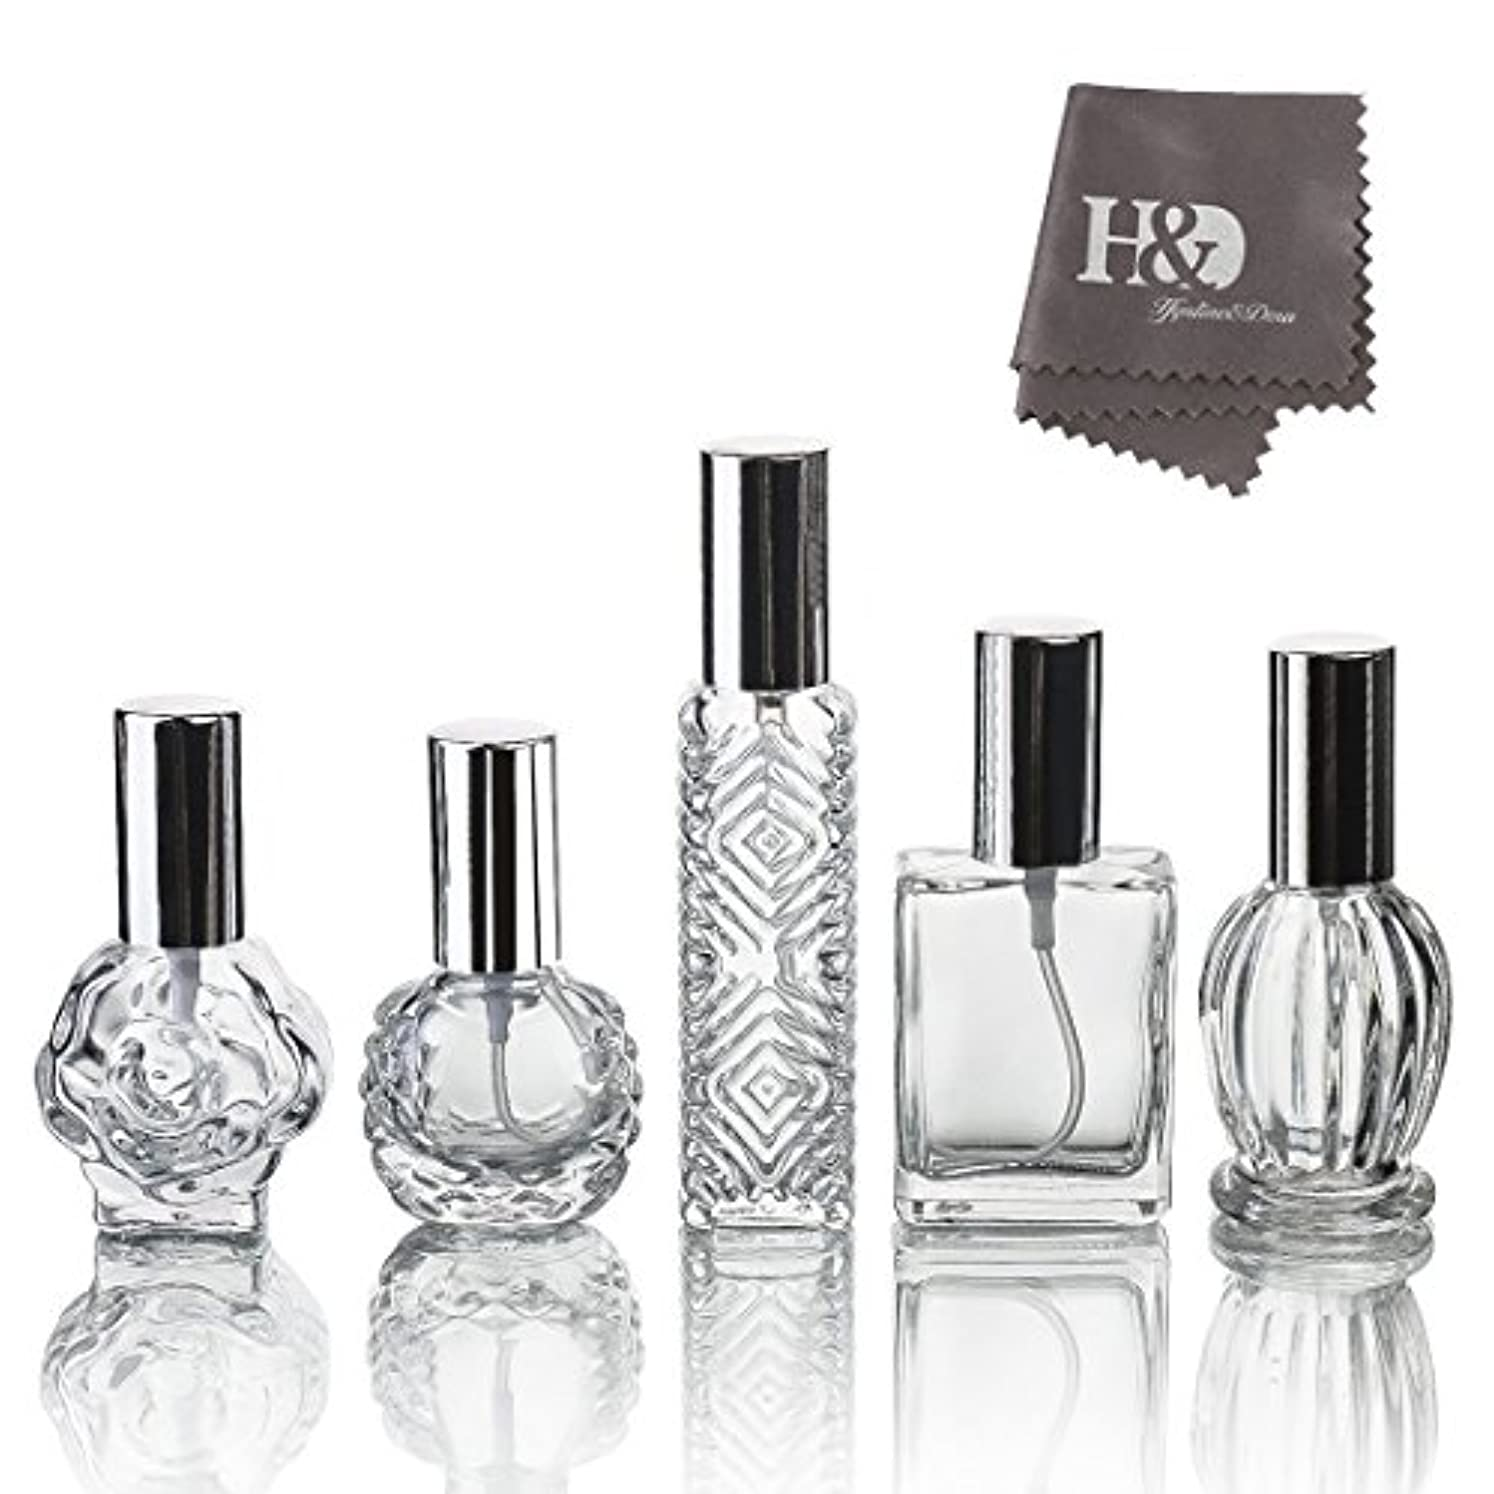 枕博物館額H&D 5枚セット ガラスボトル 香水瓶 詰替用瓶 分け瓶 旅行用品 化粧水用瓶 装飾雑貨 ガラス製 (2)